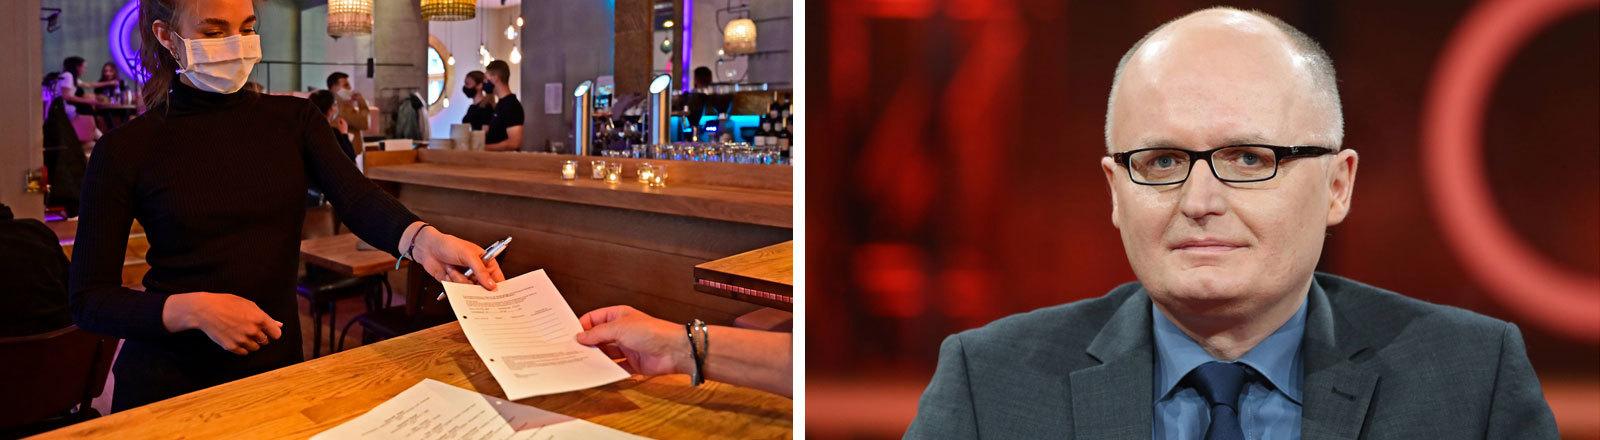 Collage: Eine Bedienung in einer Bar überreicht einem Gast ein Meldeformular und einen Kugelschreiber. Rechtsanwalt Udo Vetter in einer Fernsehsendung.